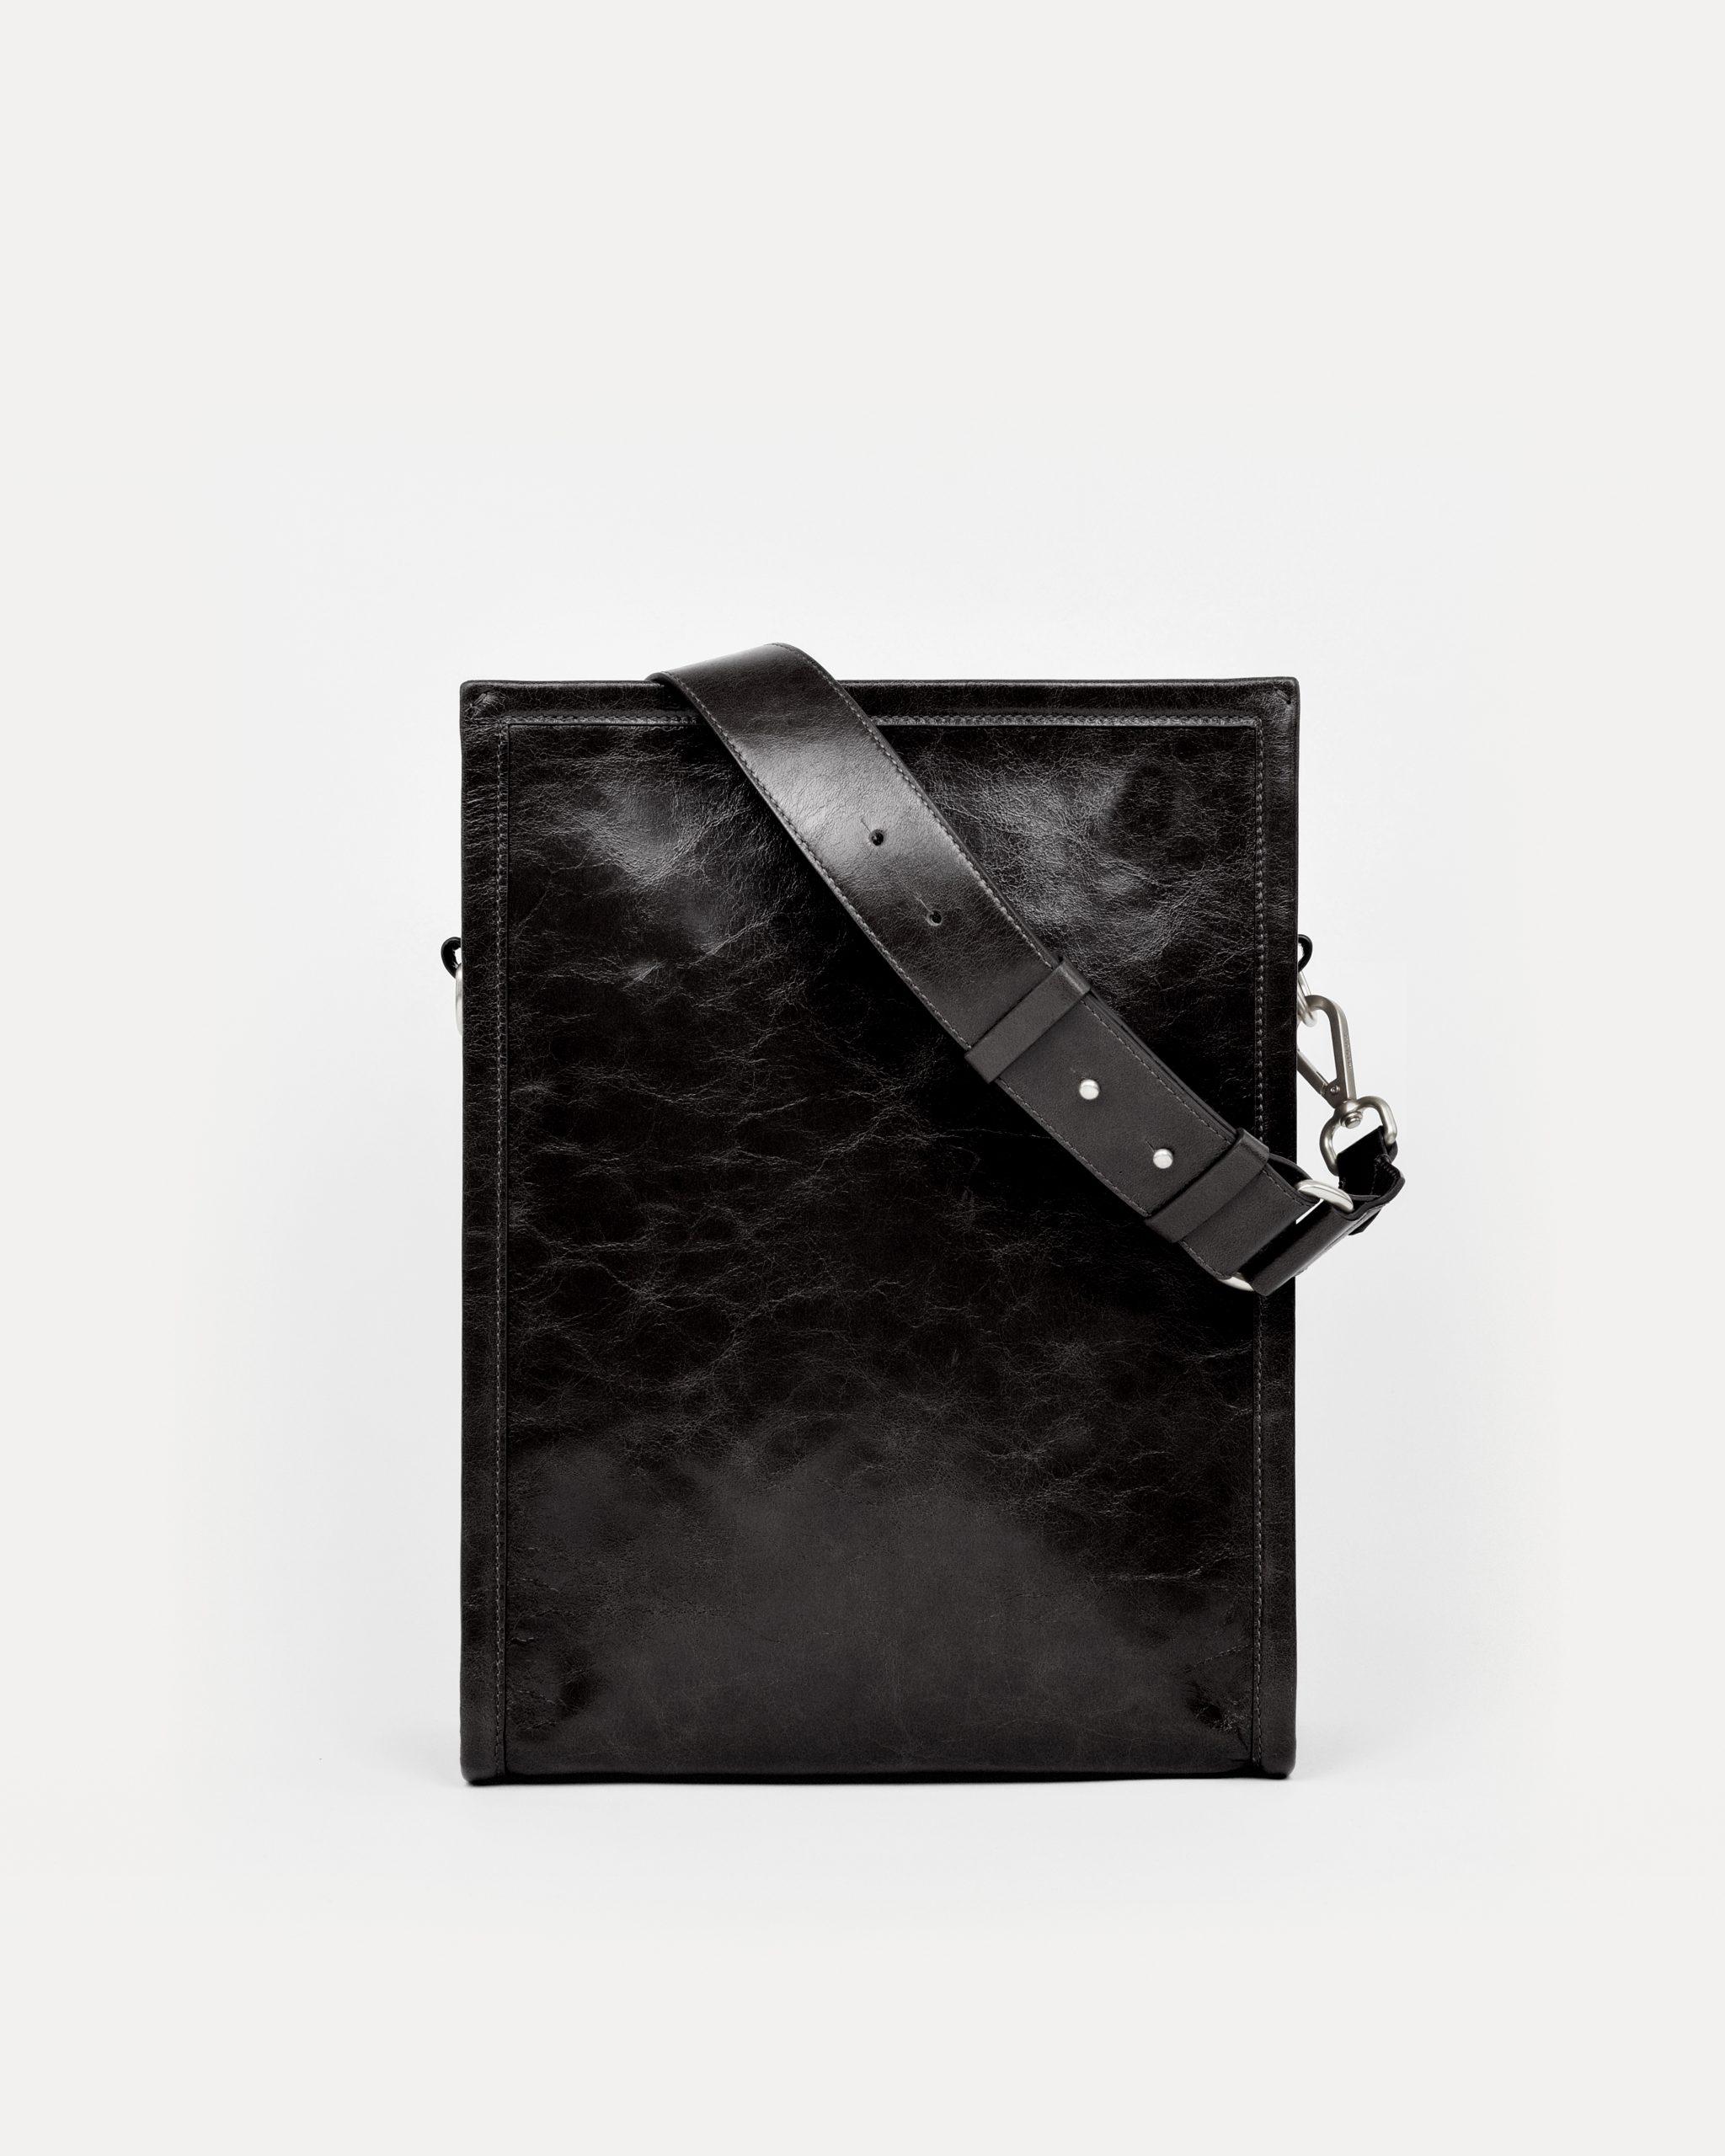 miuur amura tote bag black